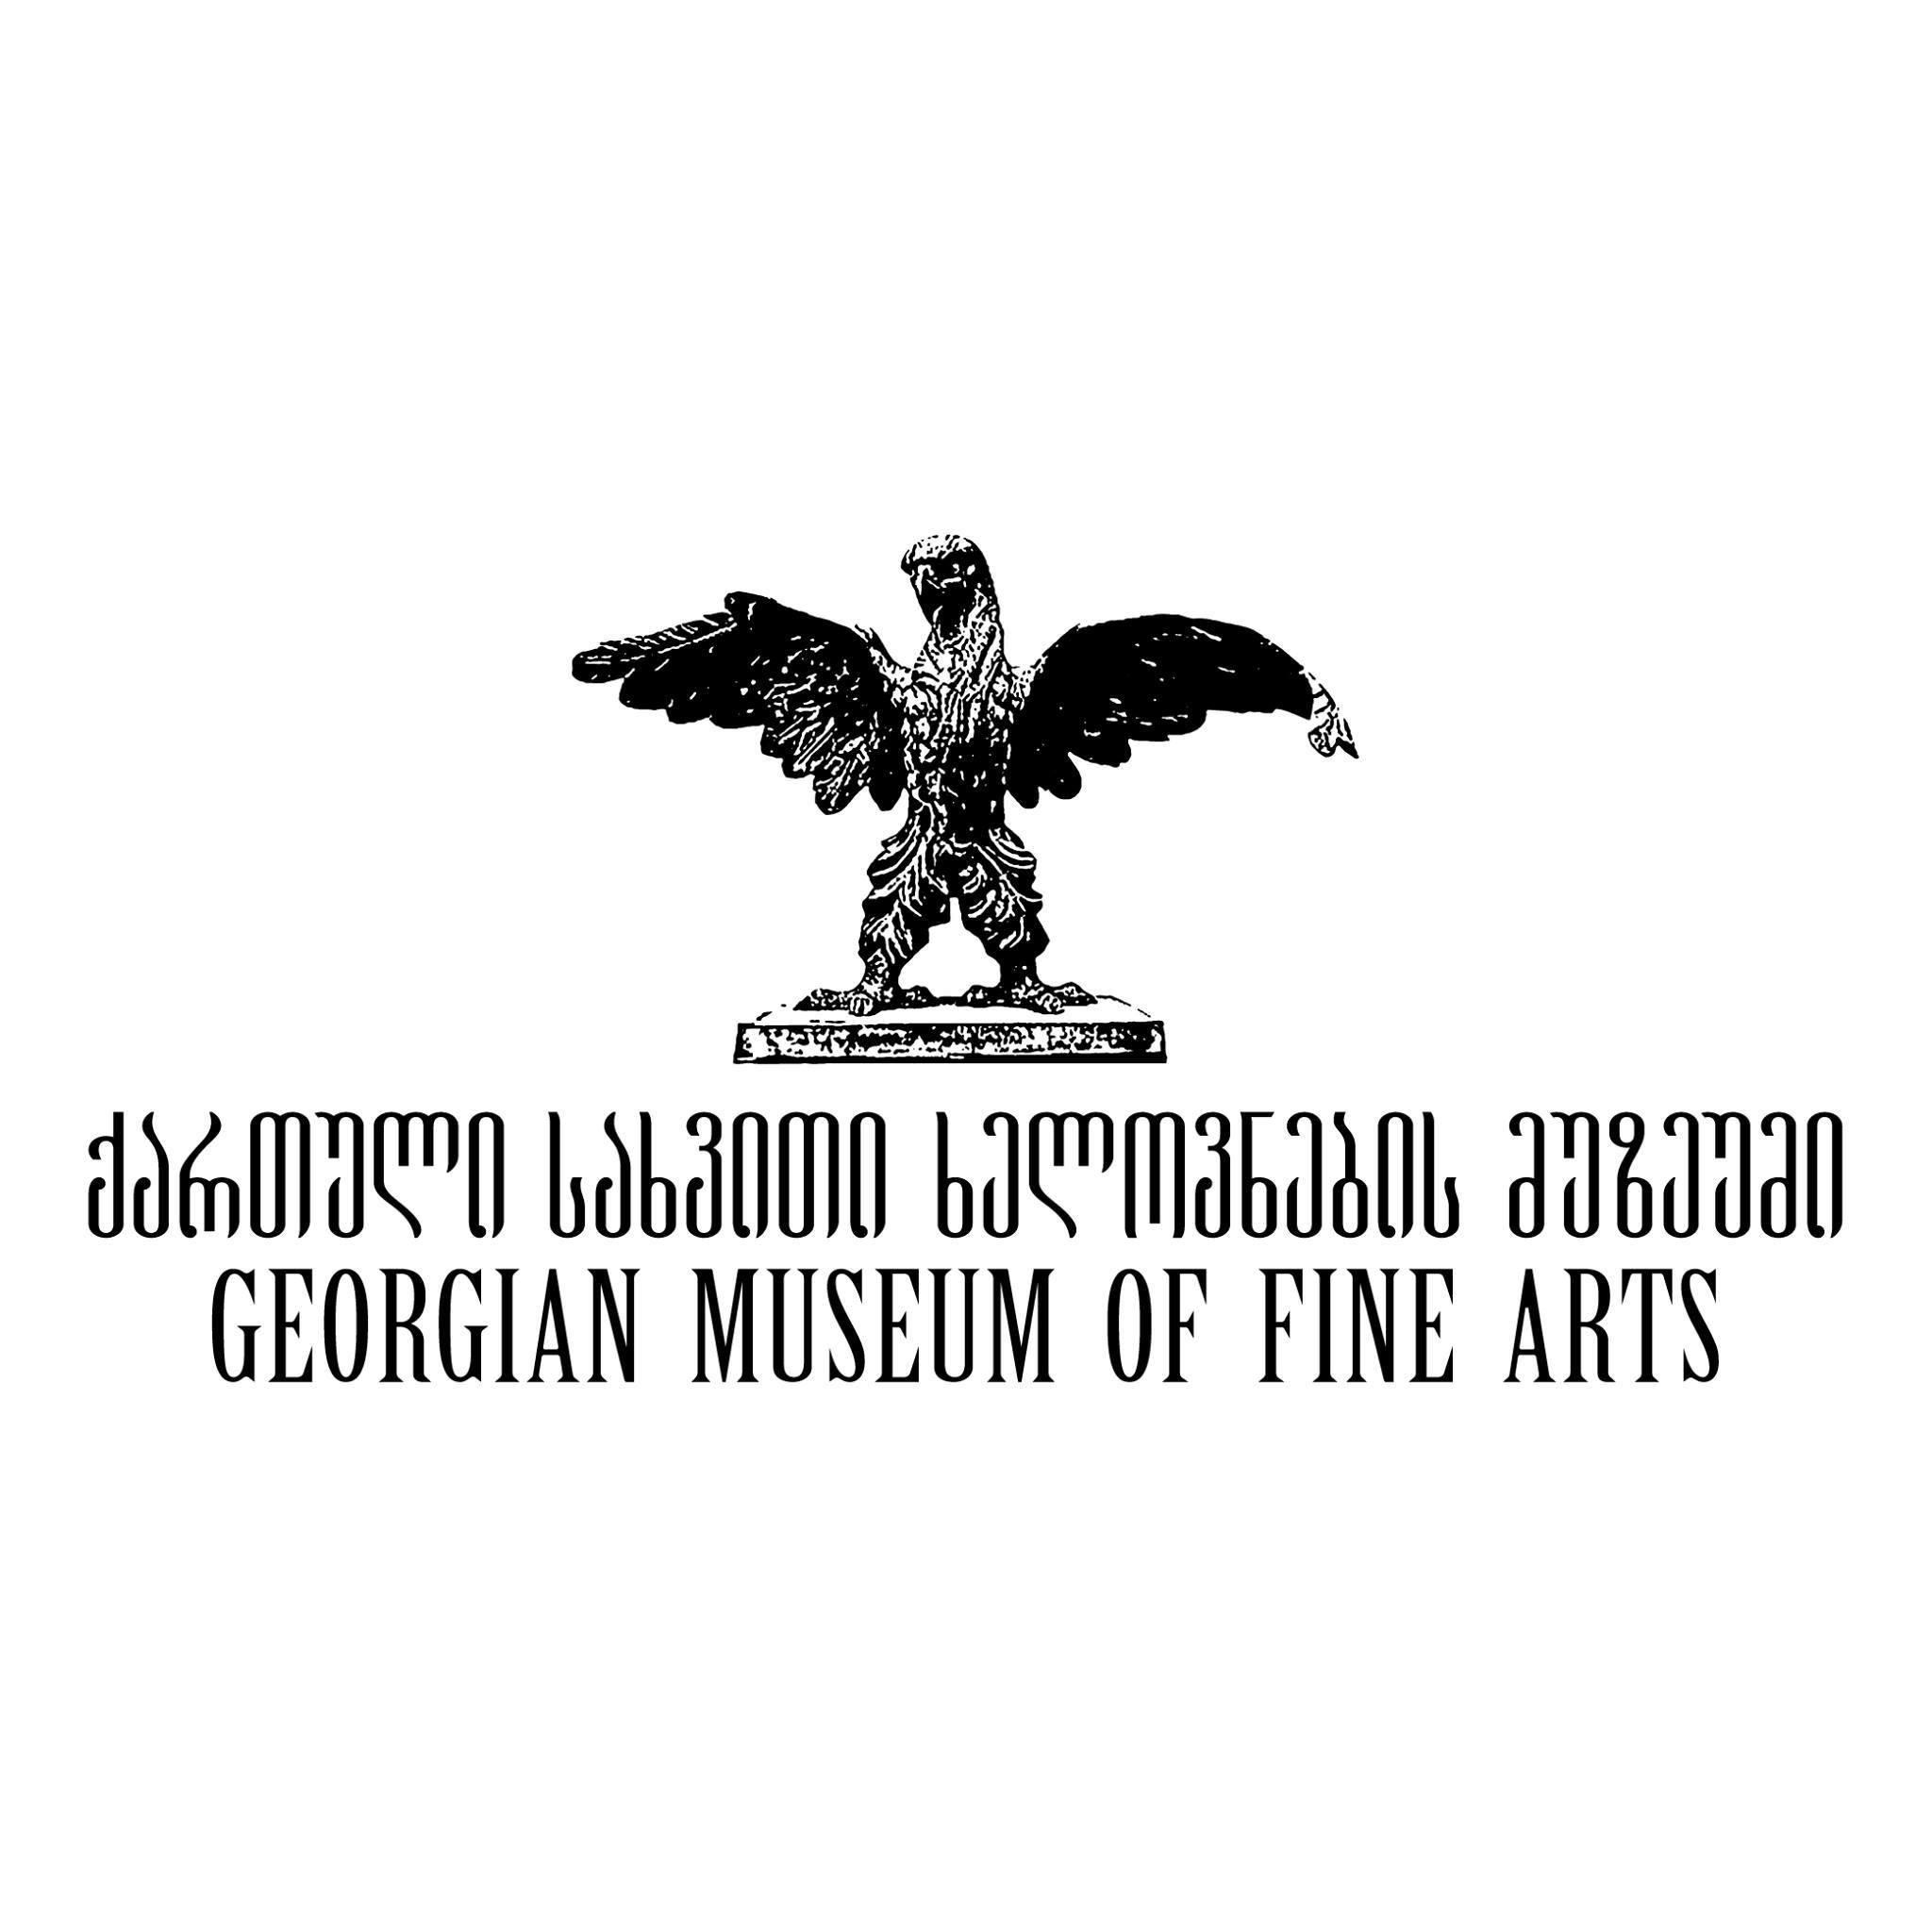 ქართული სახვითი ხელოვნების მუზეუმი